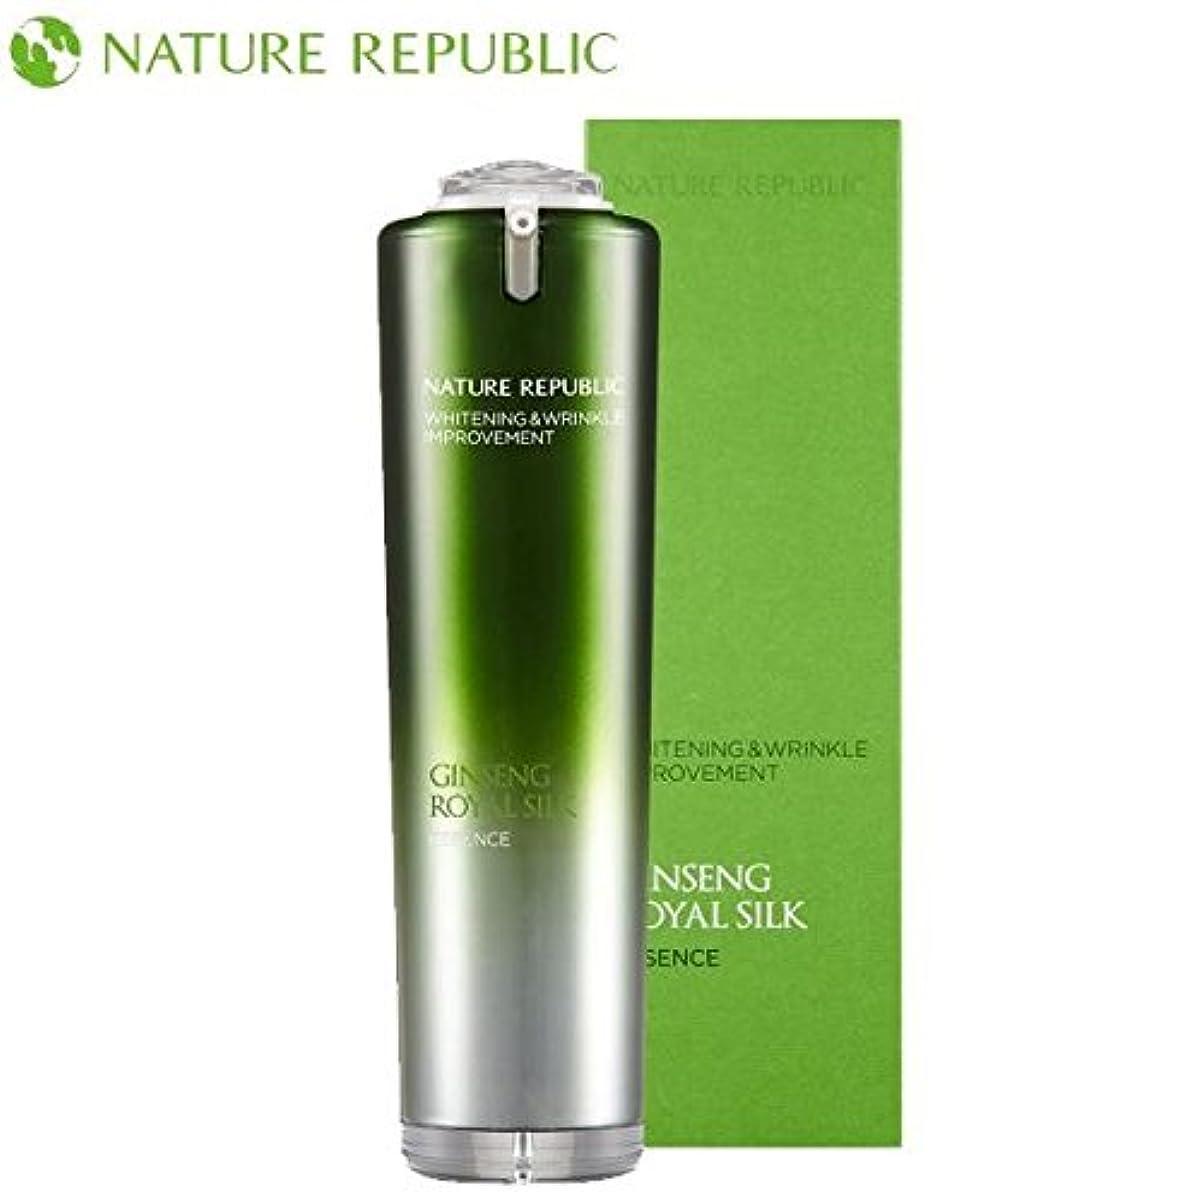 セールスマン忌み嫌う感謝する正規輸入品 NATURE REPUBLIC(ネイチャーリパブリック) RY エッセンス GI 美容液 40ml NL8089